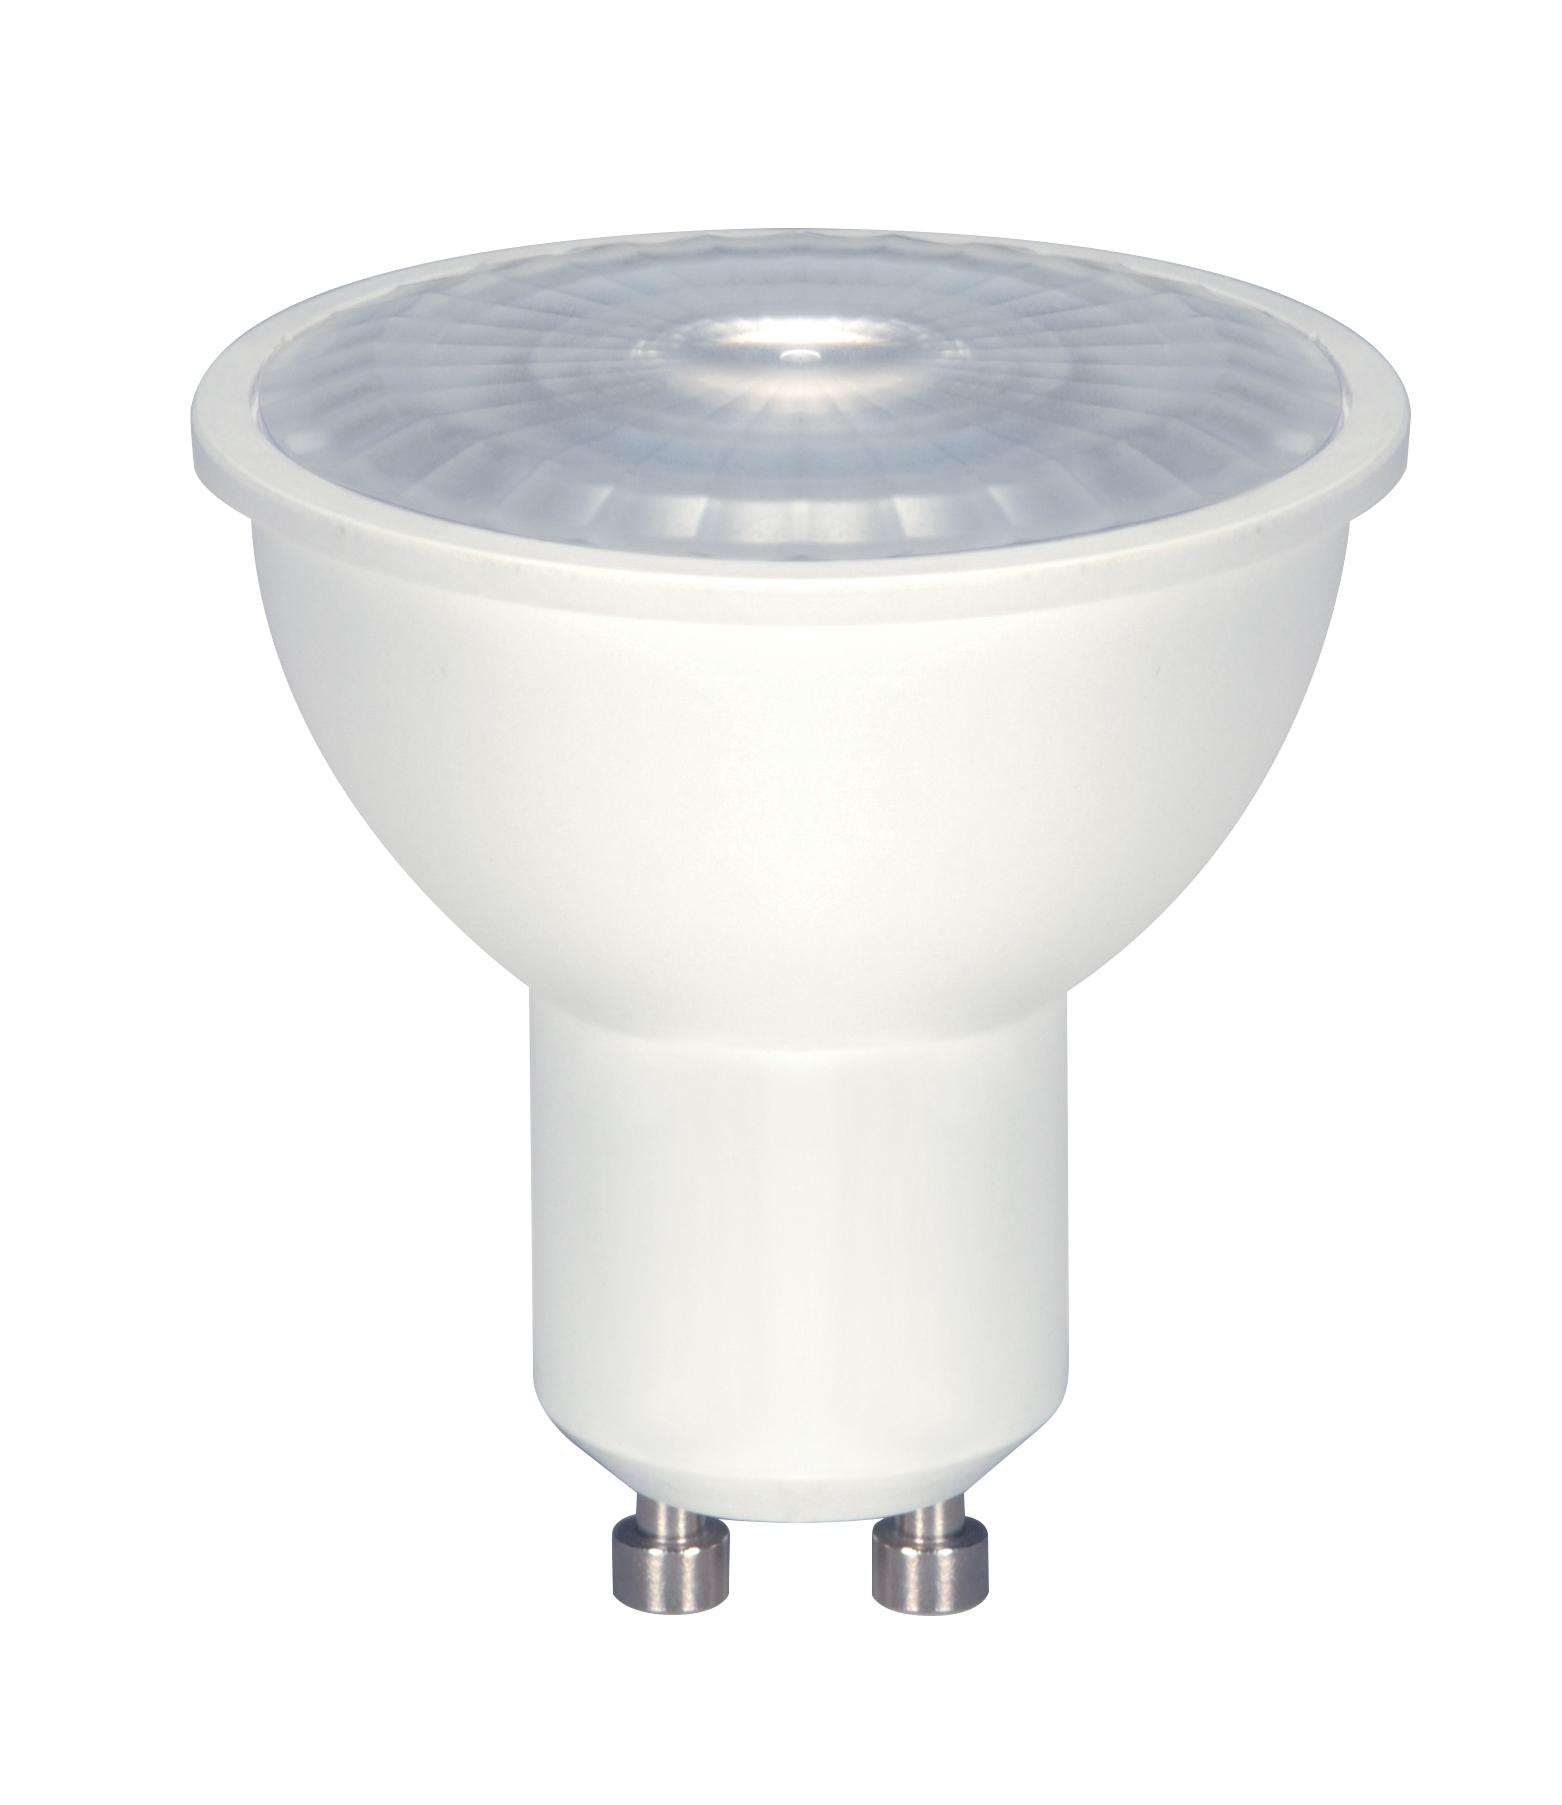 LED MR16 GU10 4000K Cool White - 120 VOLT - 6 Watt